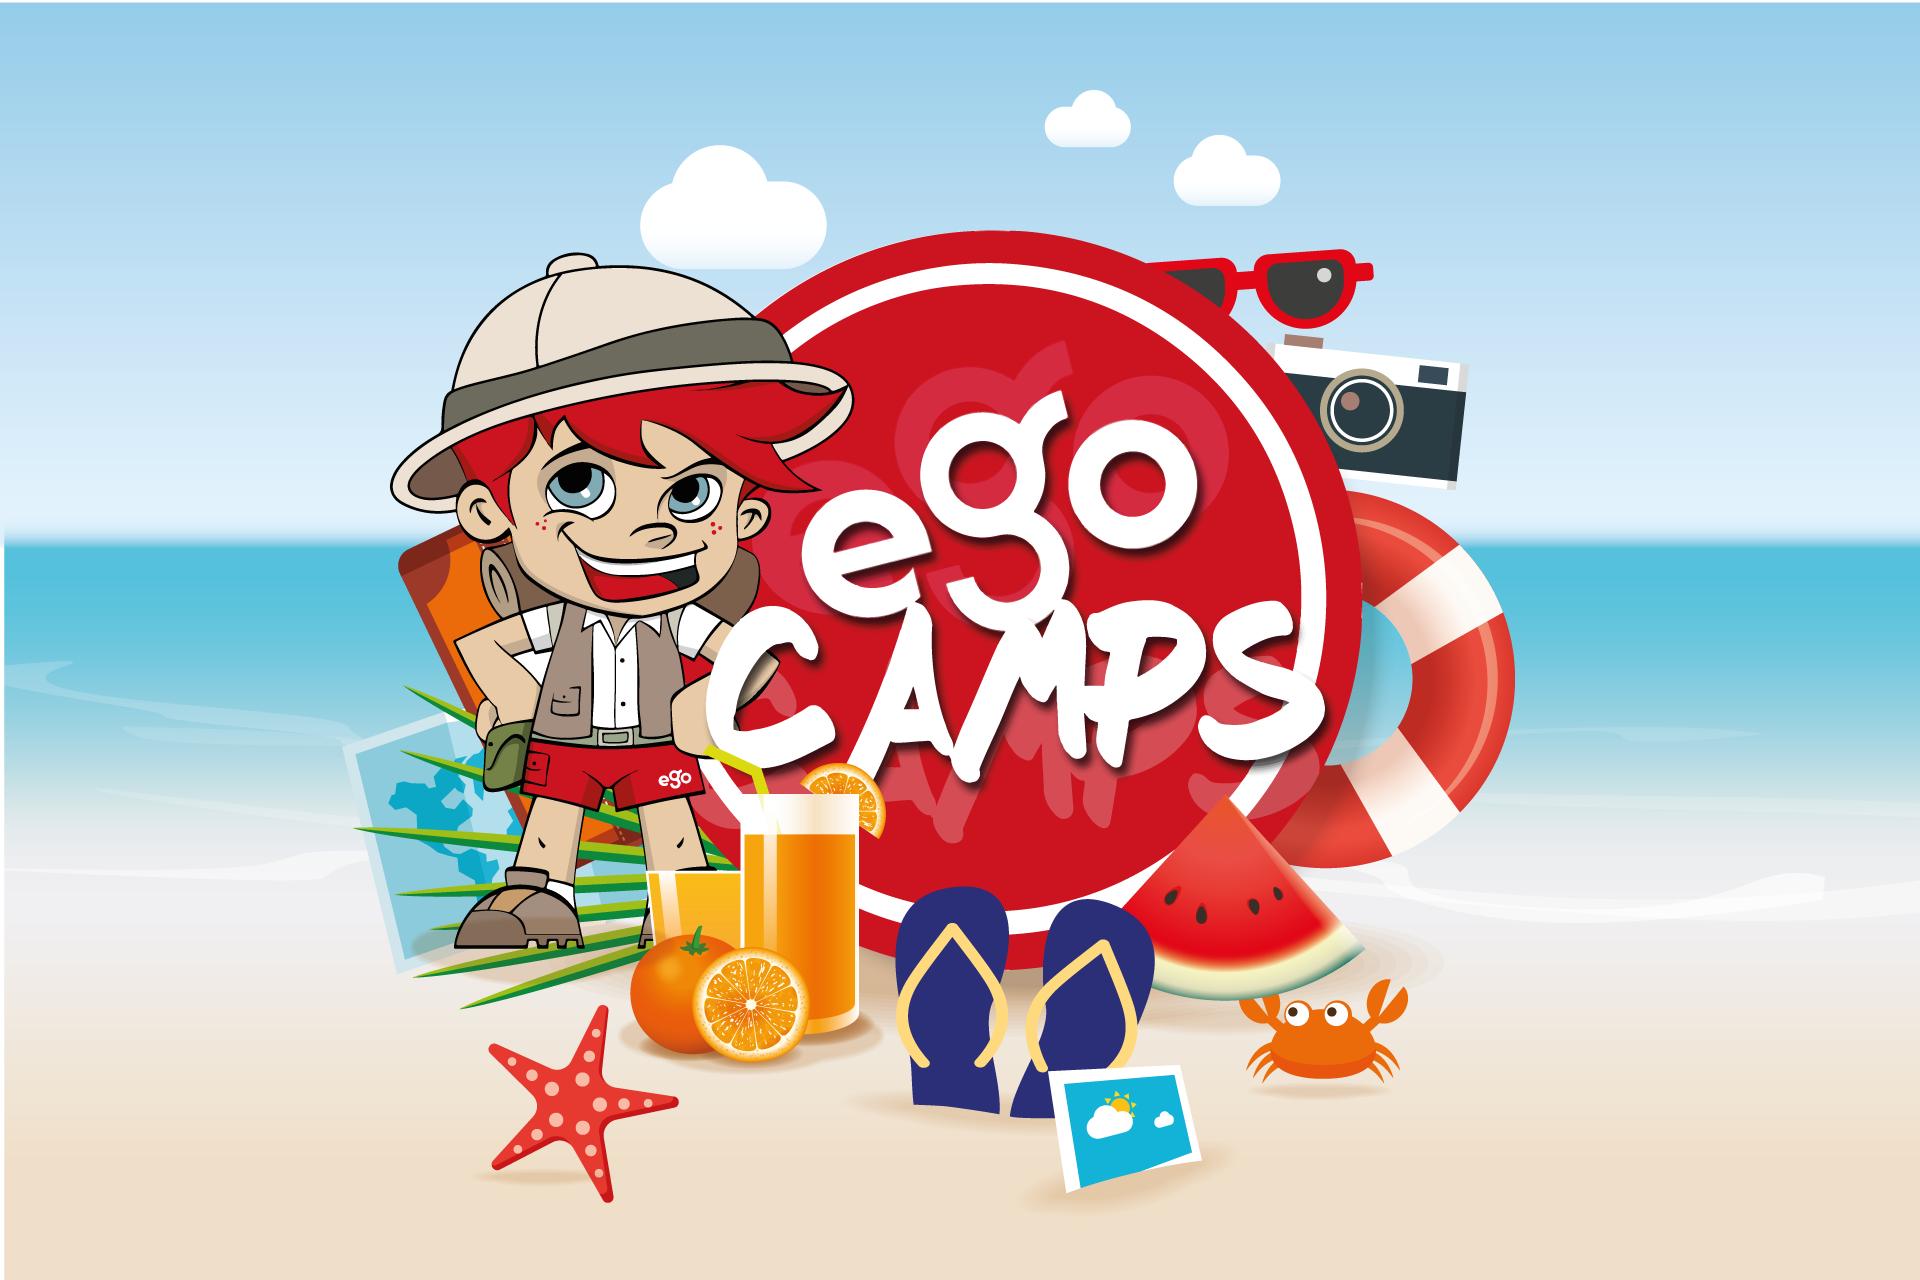 VIVE EL VERANO EGO SUMMER CAMP